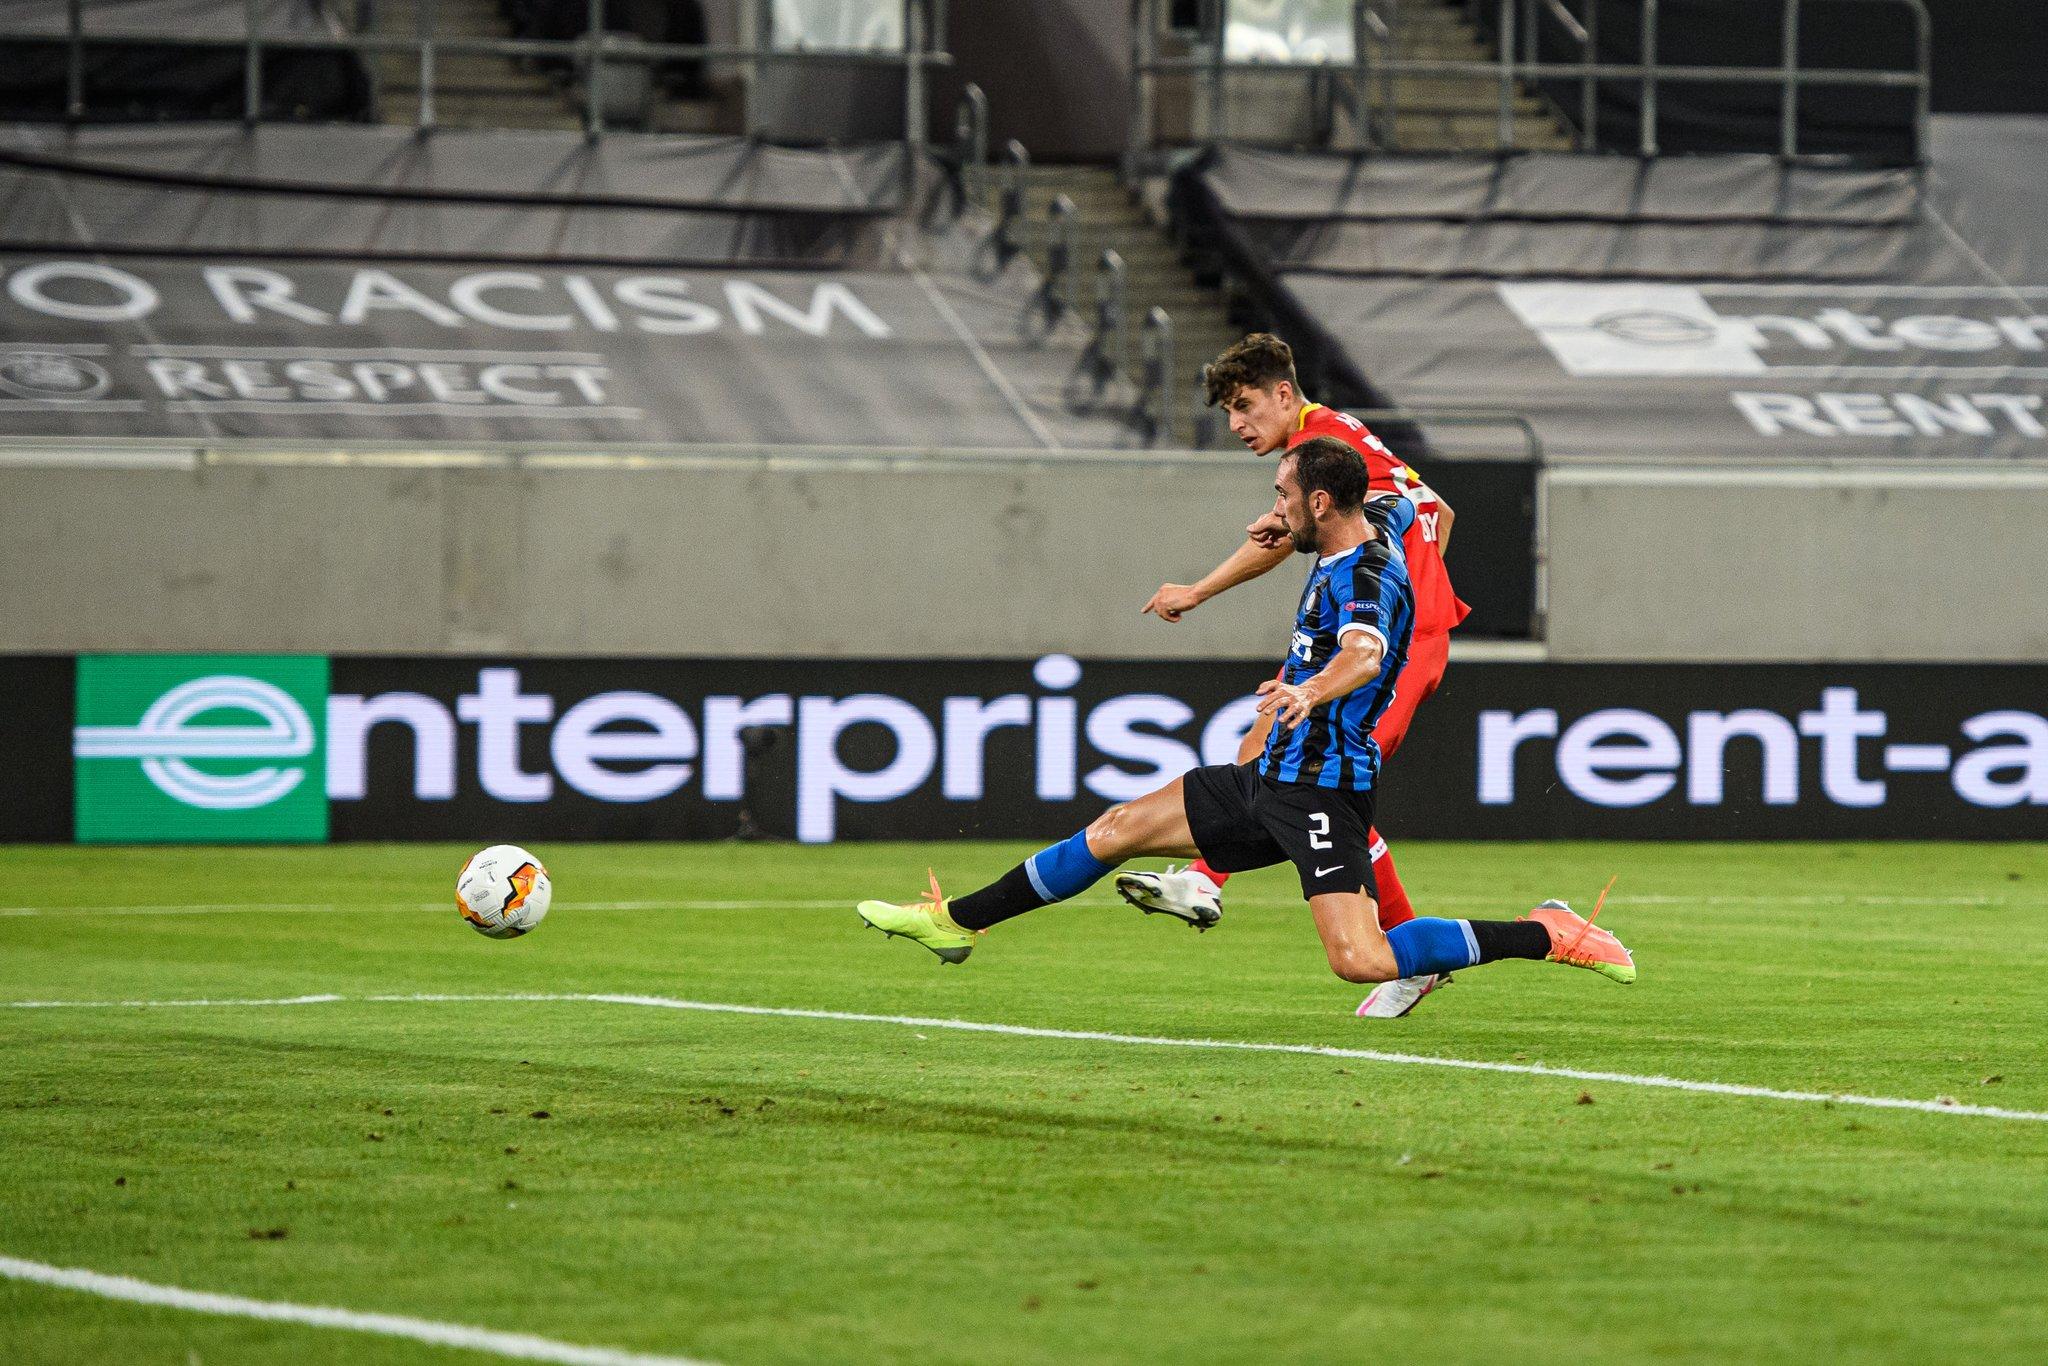 勒沃库森本赛季德甲表现不俗,不仅在德甲排名第五,而且还击败过拜仁和多特蒙德